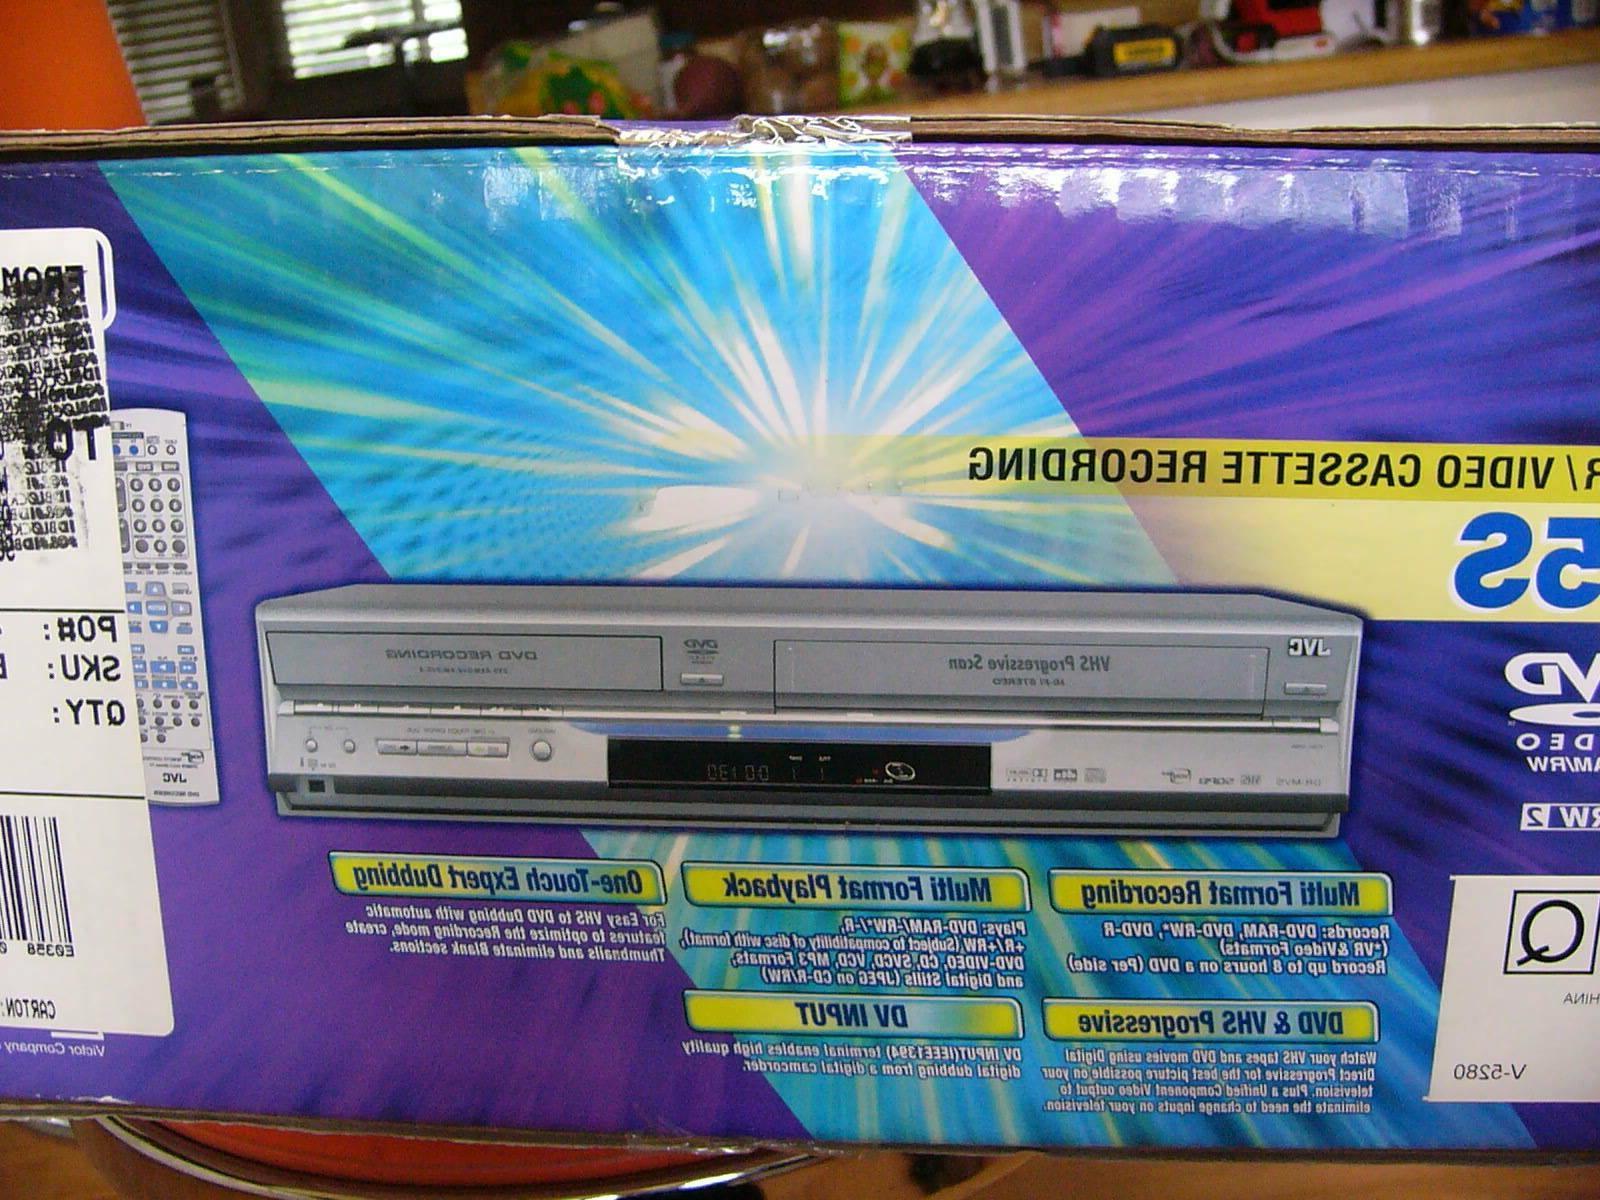 NEW Dubbing VHS Recorder Player HiFi VCR SQPB